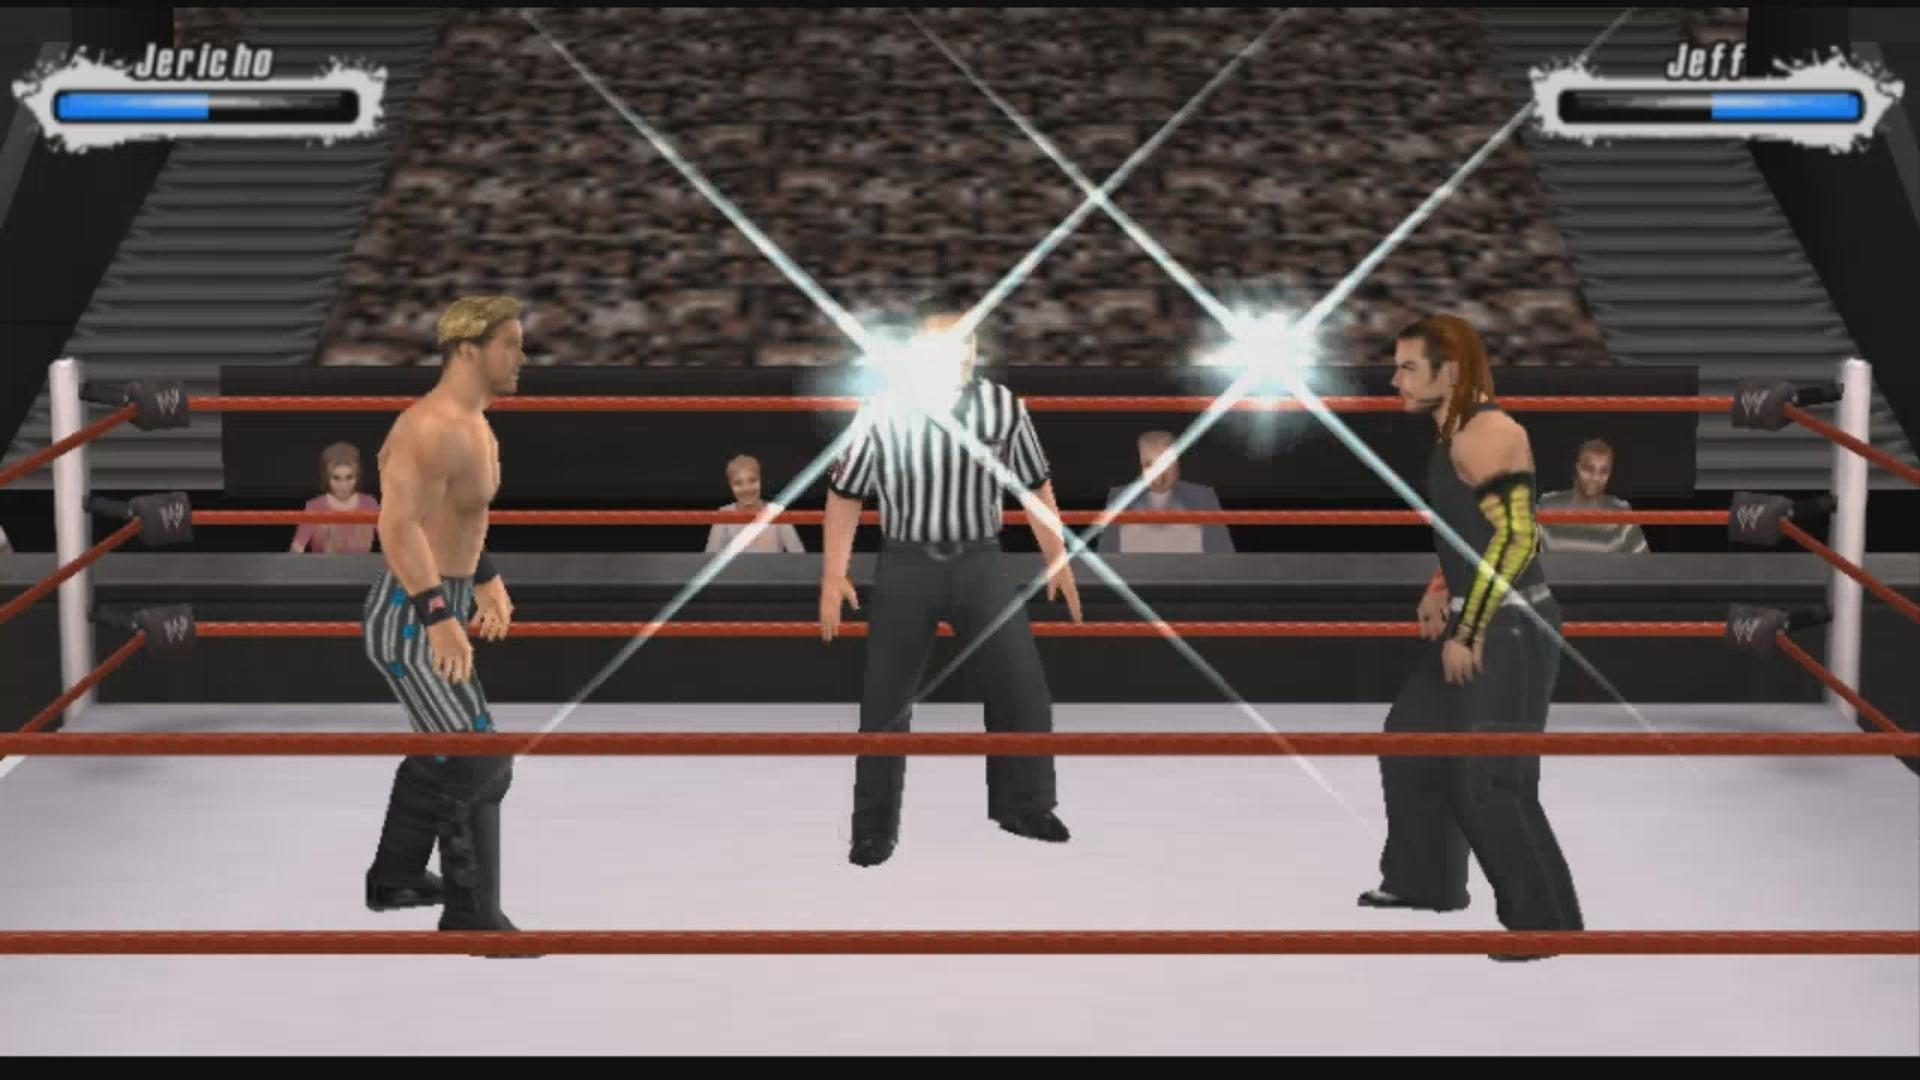 Smackdown Raw 2009 İndir